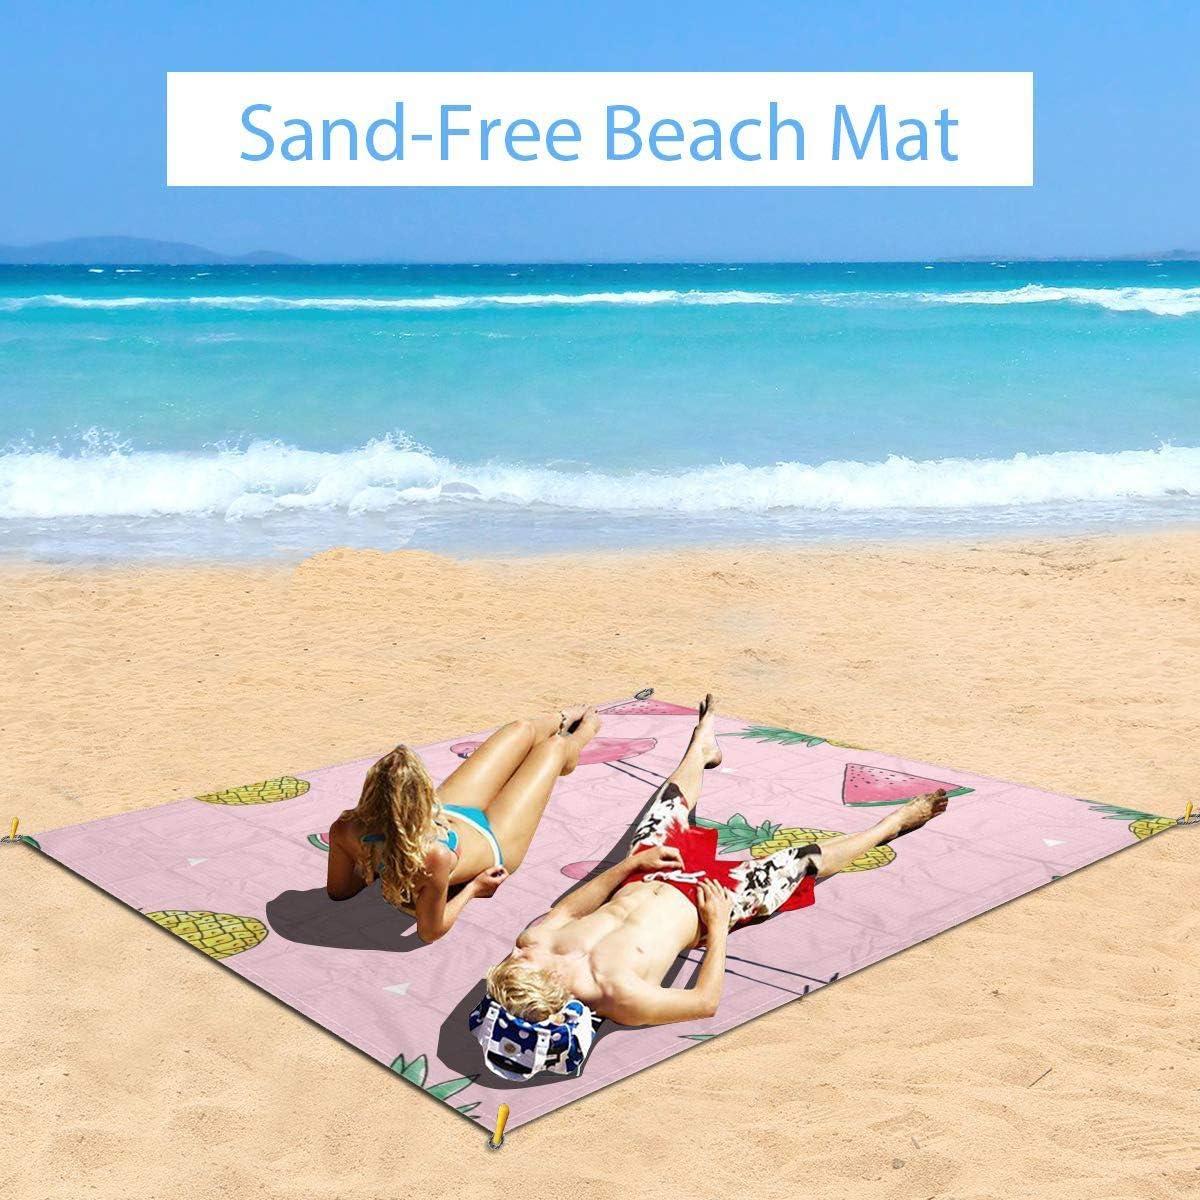 Txc9ds - Tappetino da picnic con fenicottero, ananas, anguria, ideale per picnic, parco, spiaggia, campeggio, portatile, impermeabile Rosa fenicottero ananas anguria